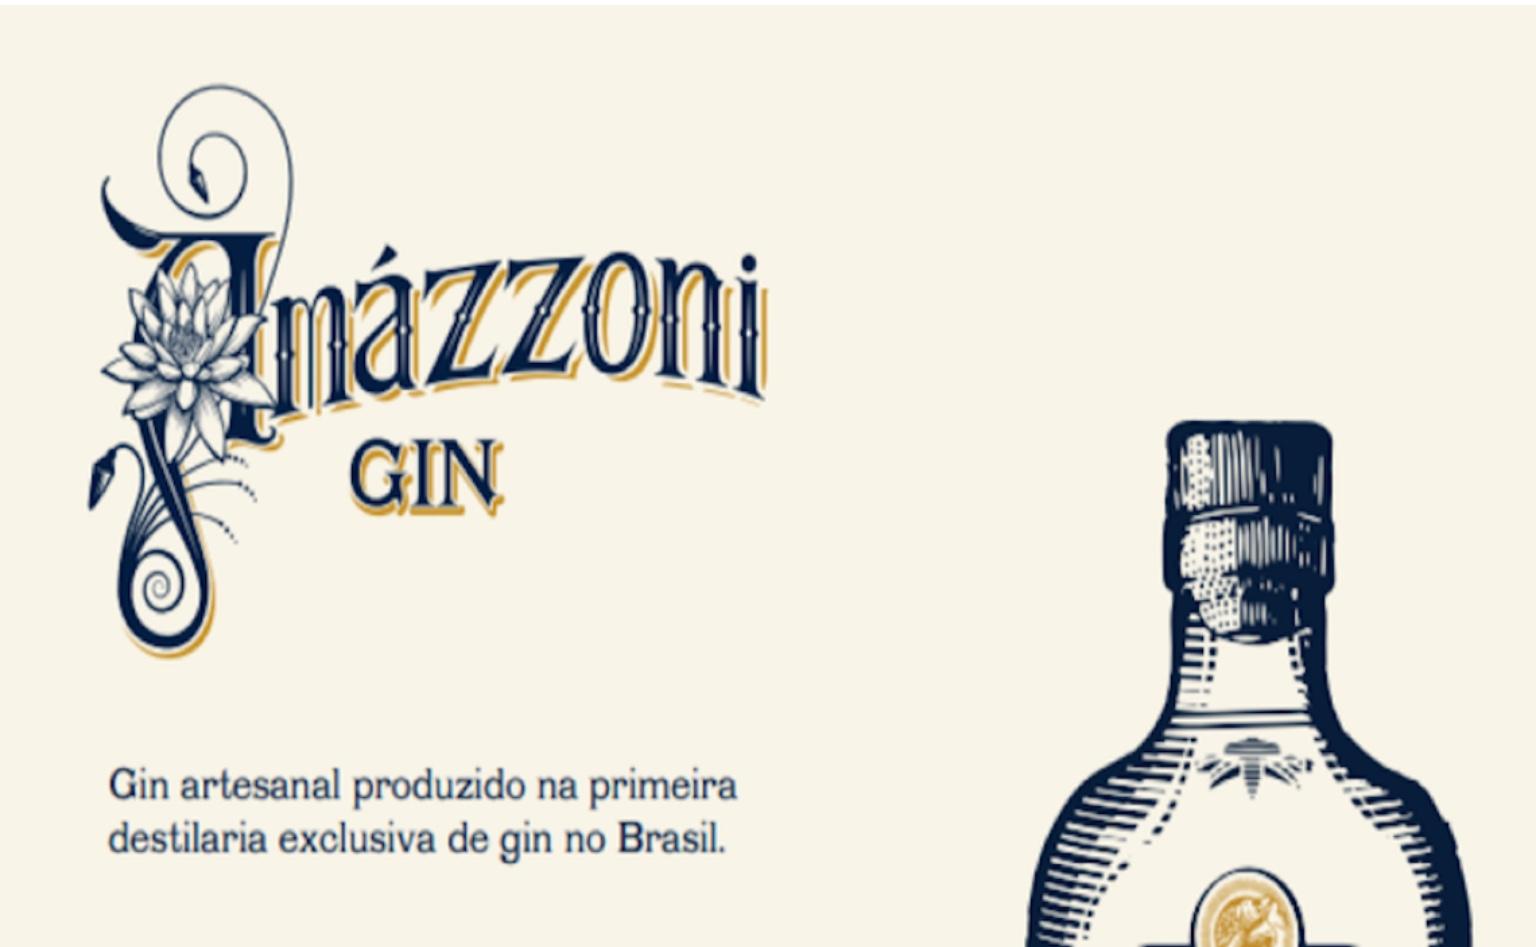 Gin artesanal brasileiro recebe prêmio de melhor do mundo